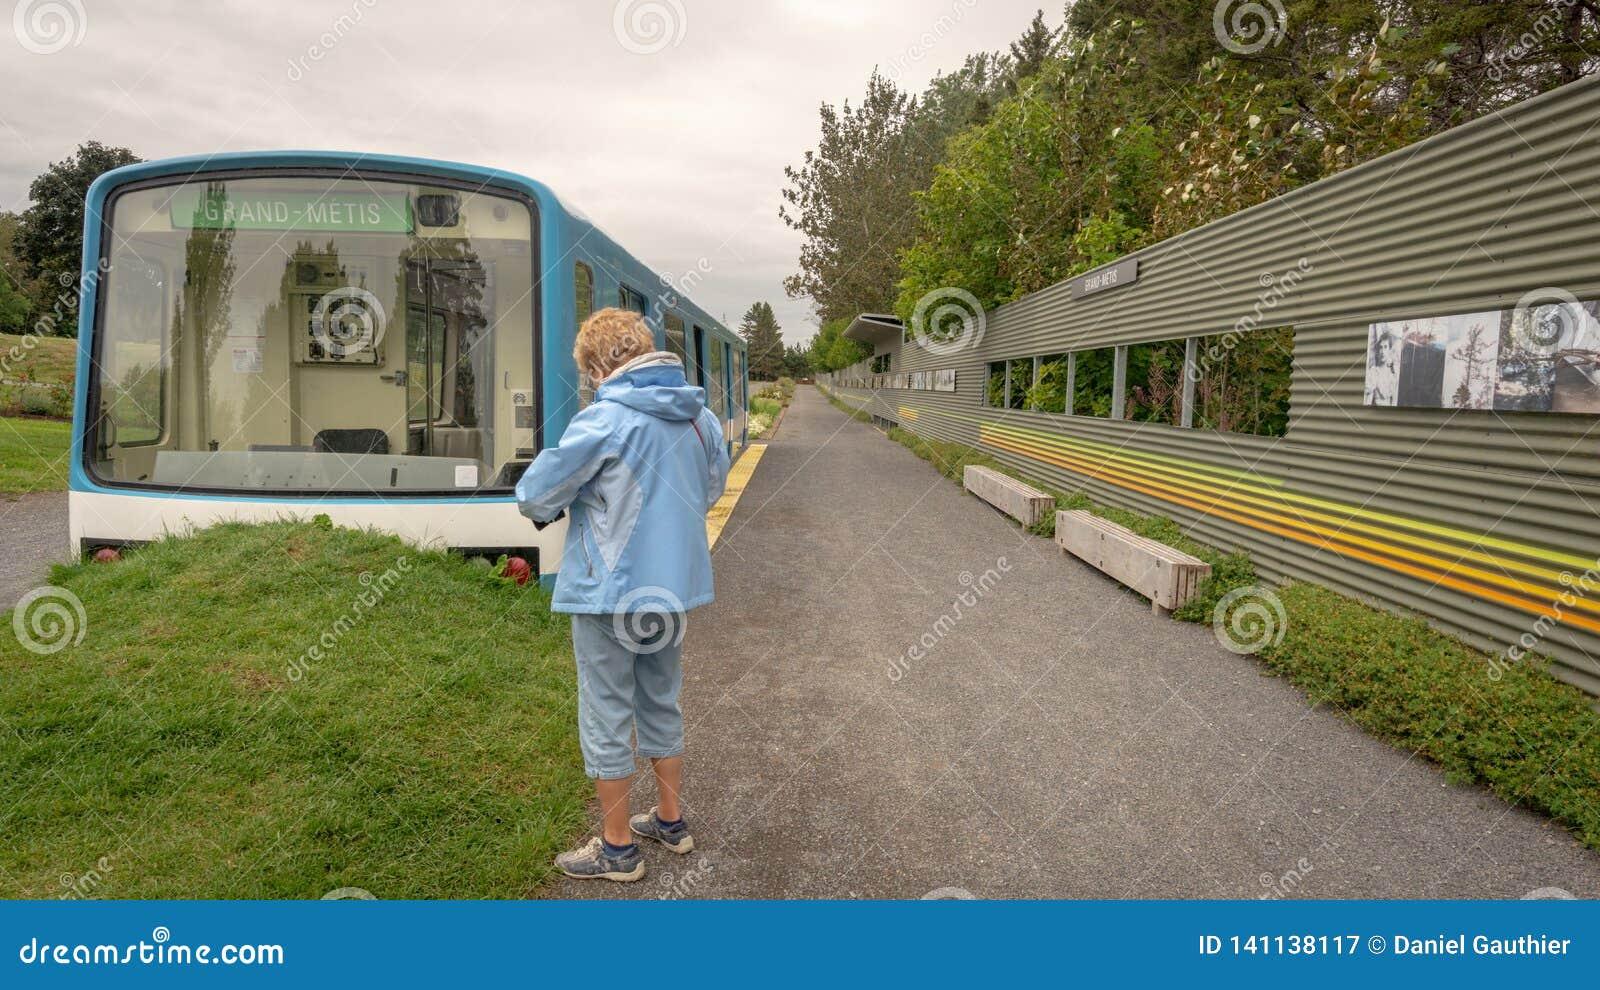 Coche viejo del metro de Montreal instalado en la entrada de los jardines de Reford, Metis-sur-MER, Quebec, Canadá